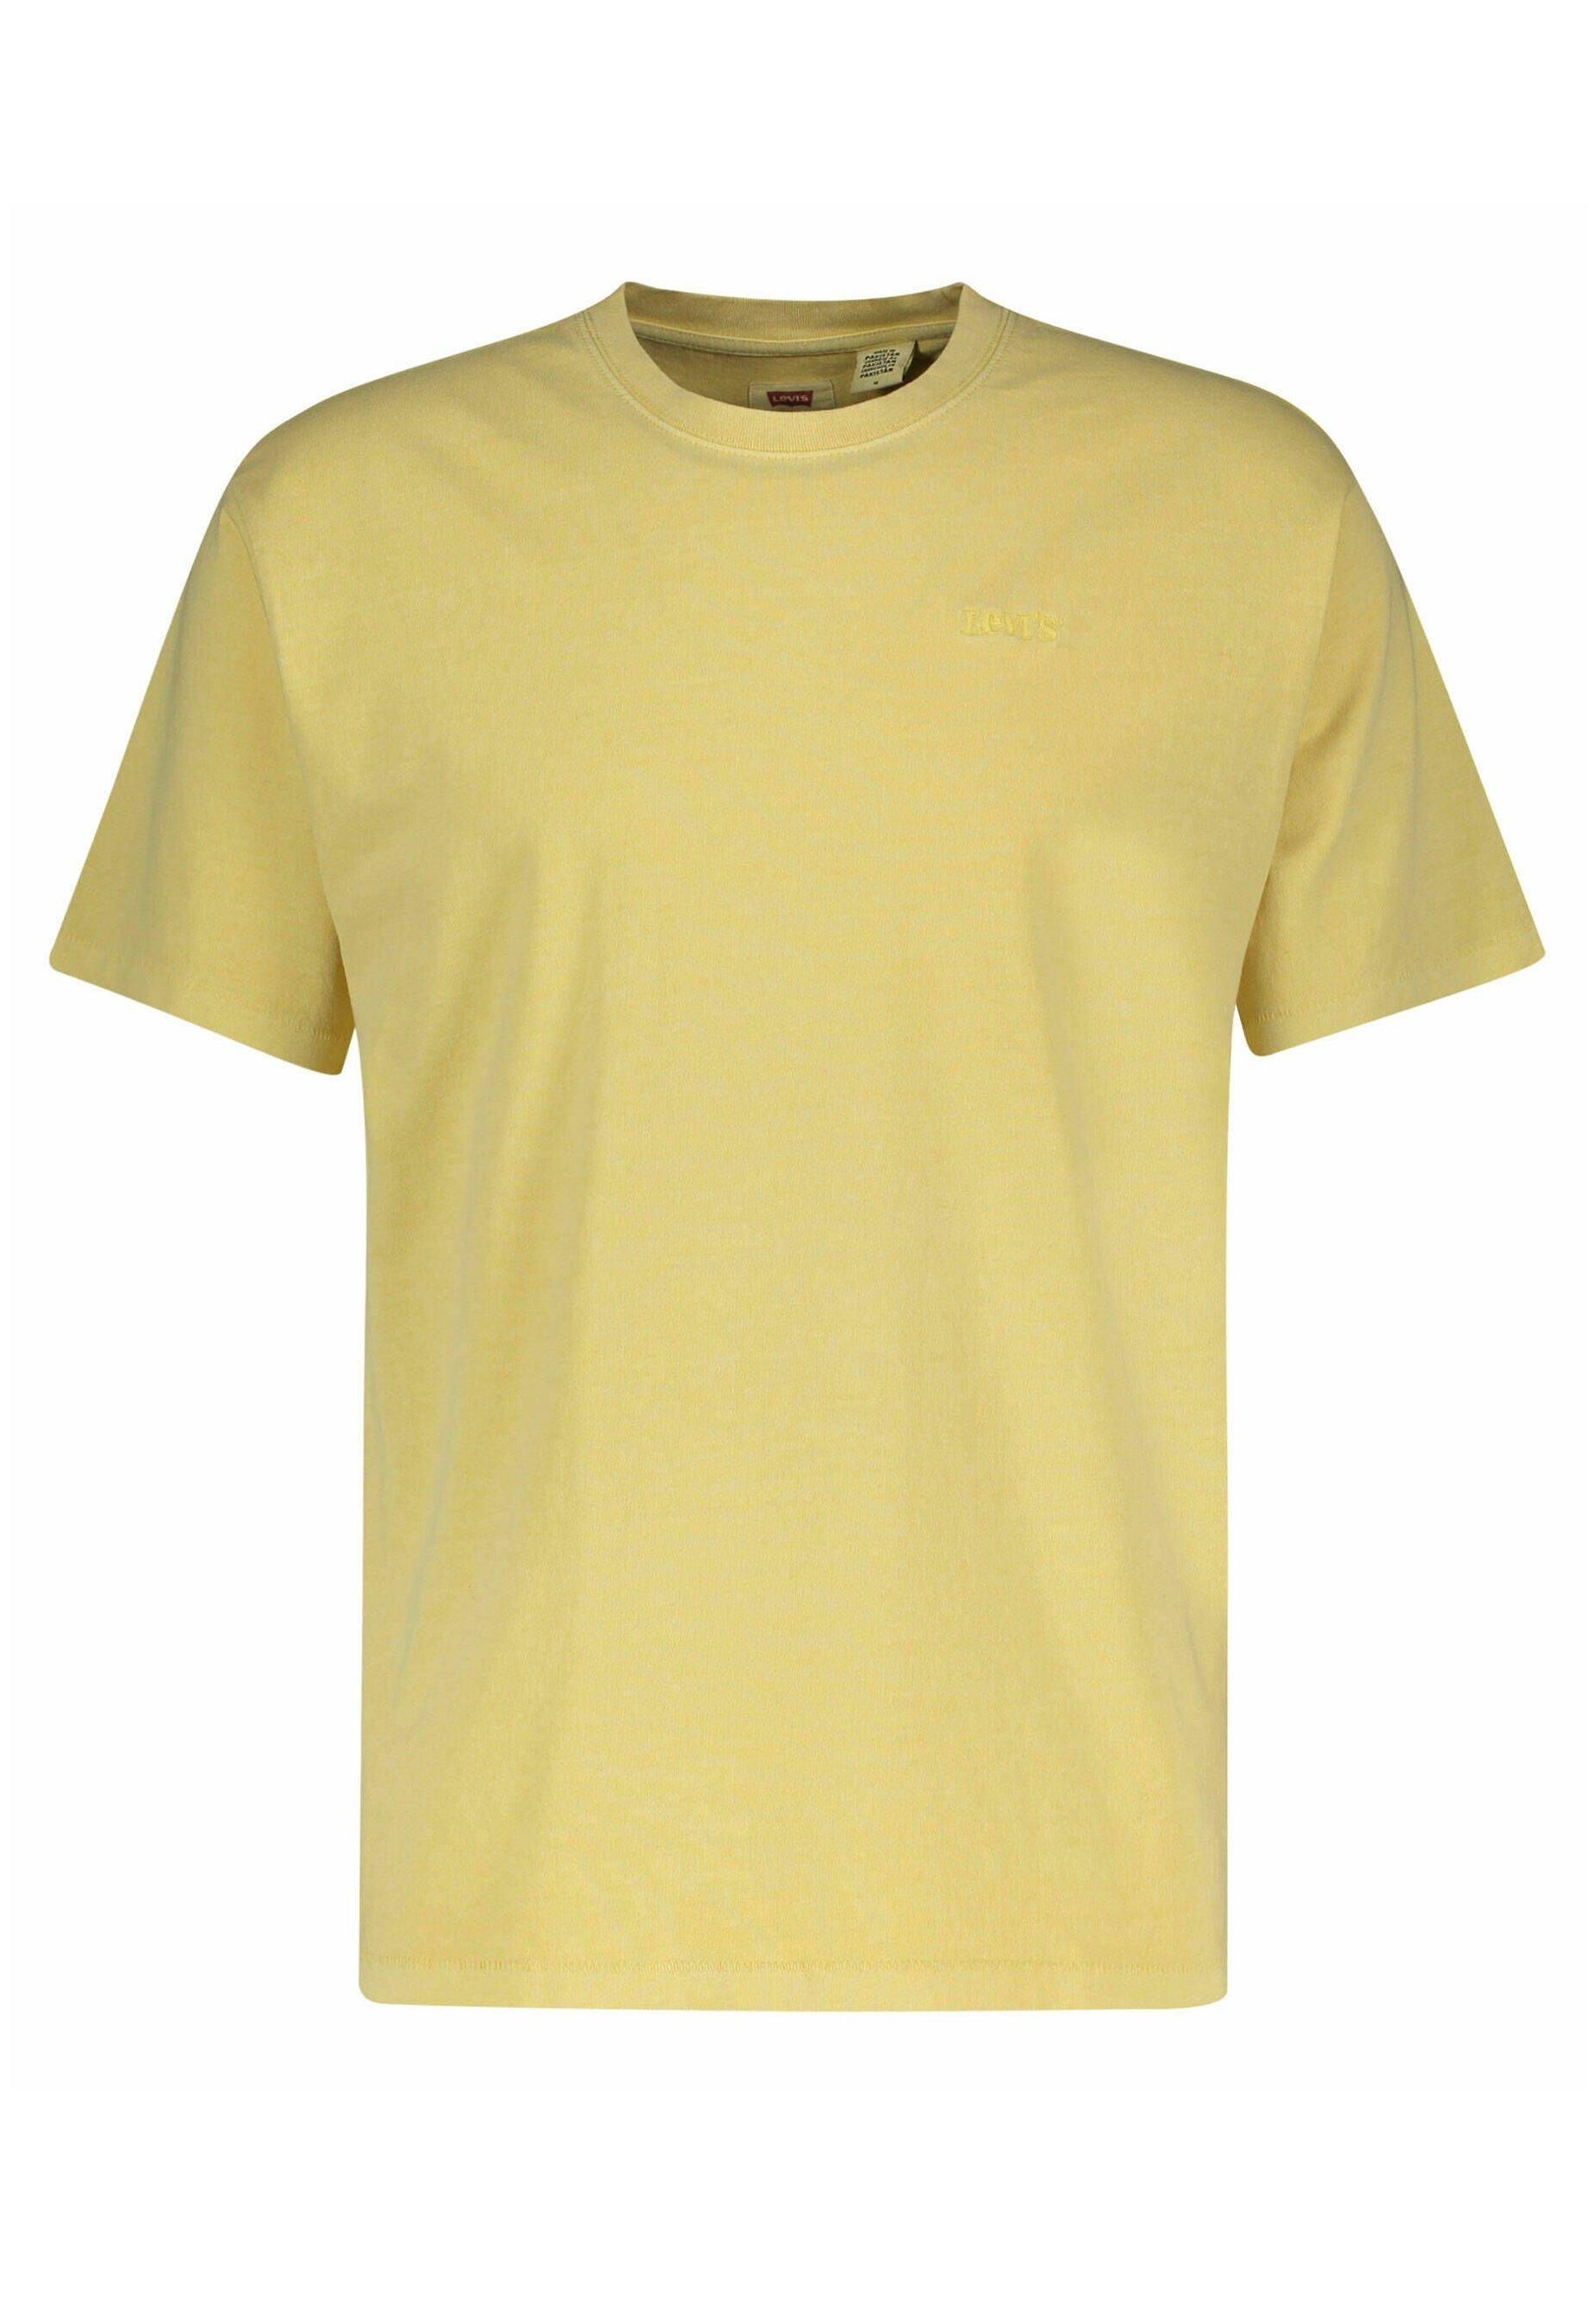 Homme T-shirt basique - gelb